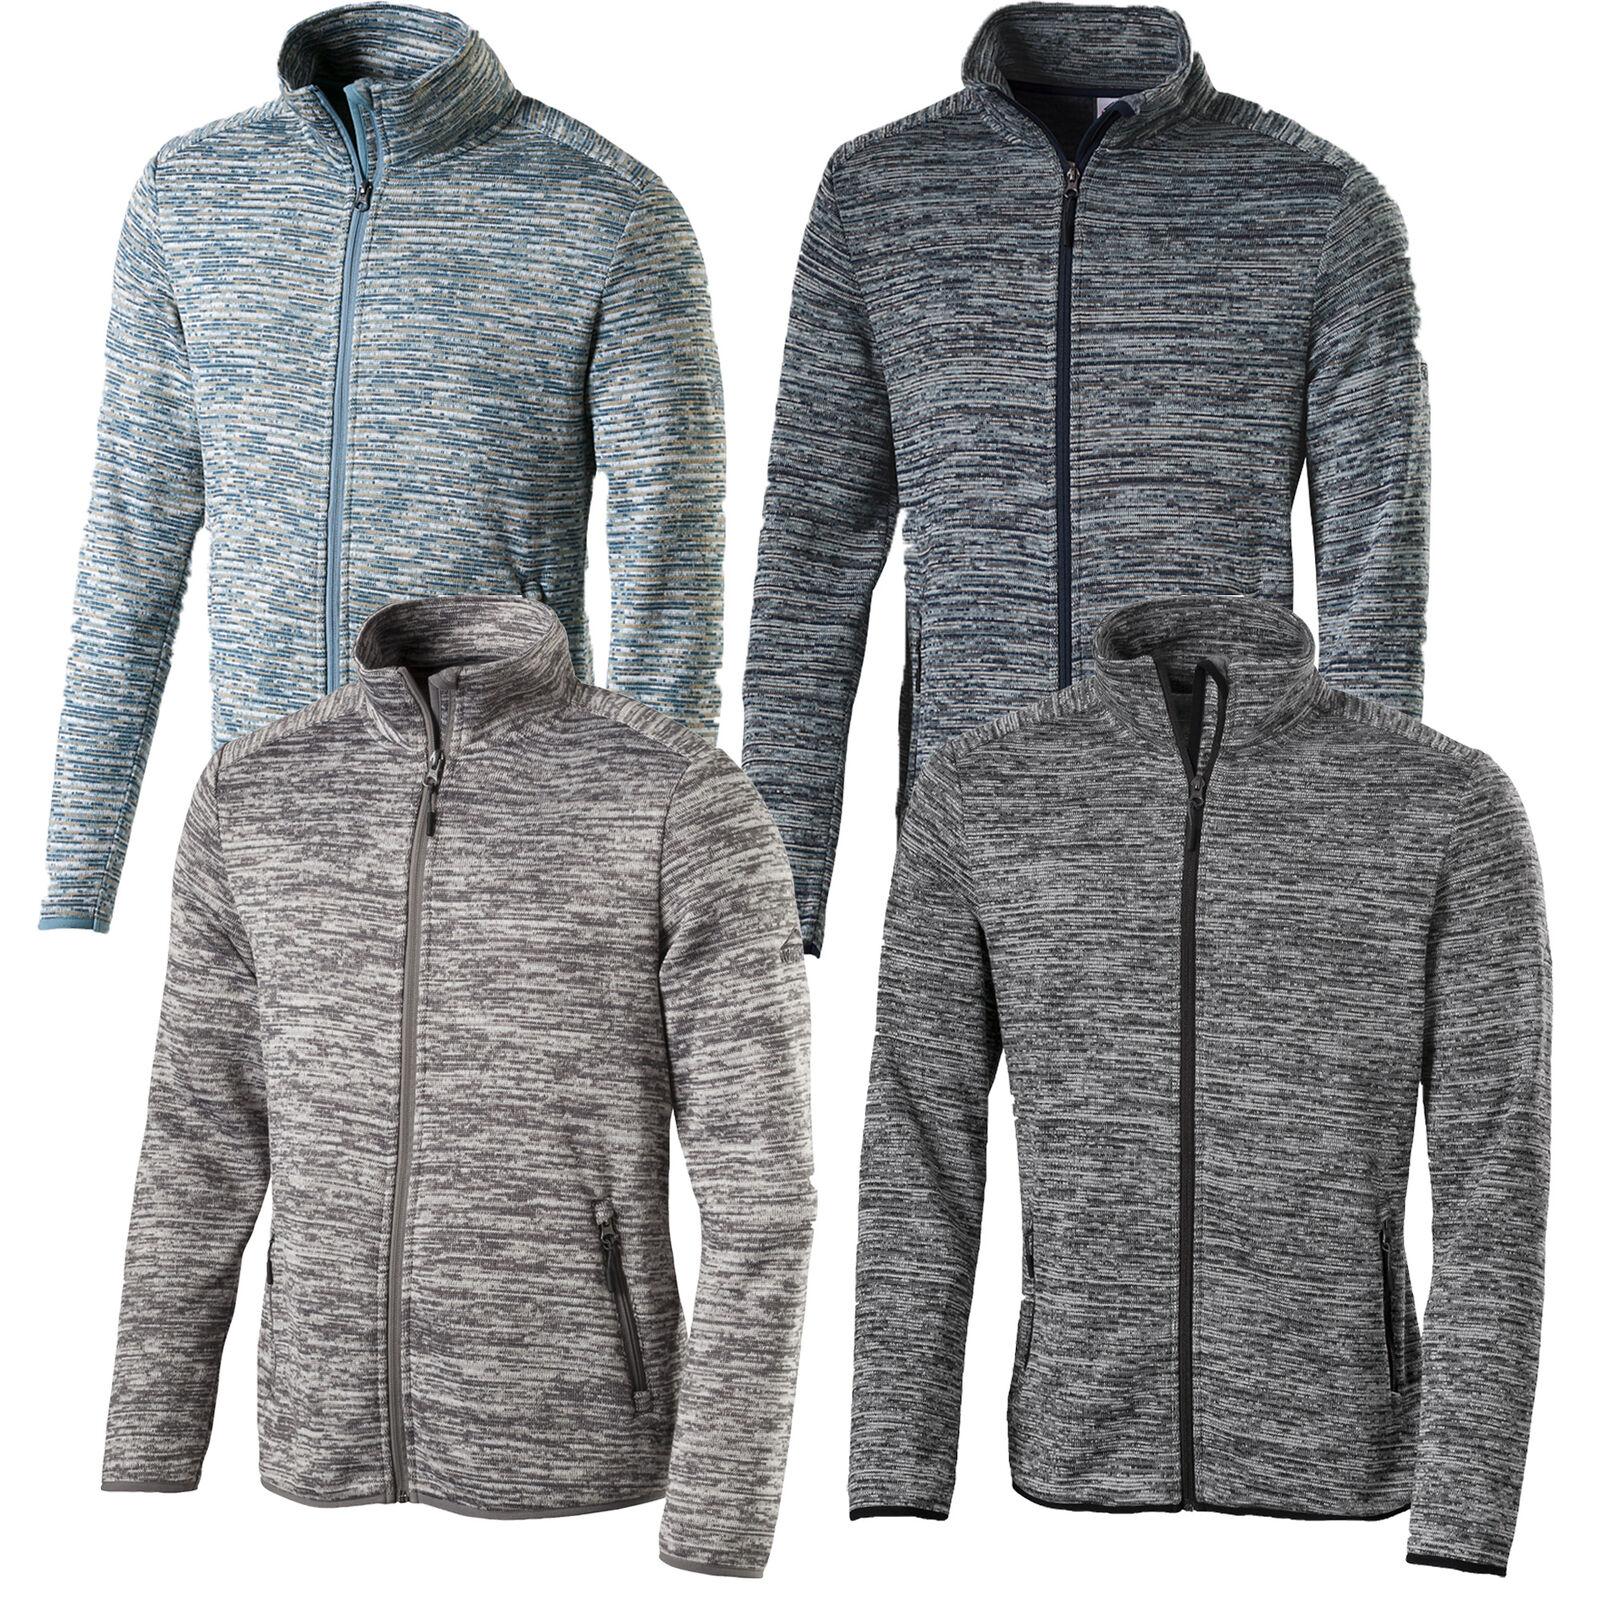 McKinley Herren Stretch Sport Outdoor Fleecejacke Roto Jacke 280699 Dry Plus Neu Herren Outdoor-Jacken & Westen Sport wbcboxing.com